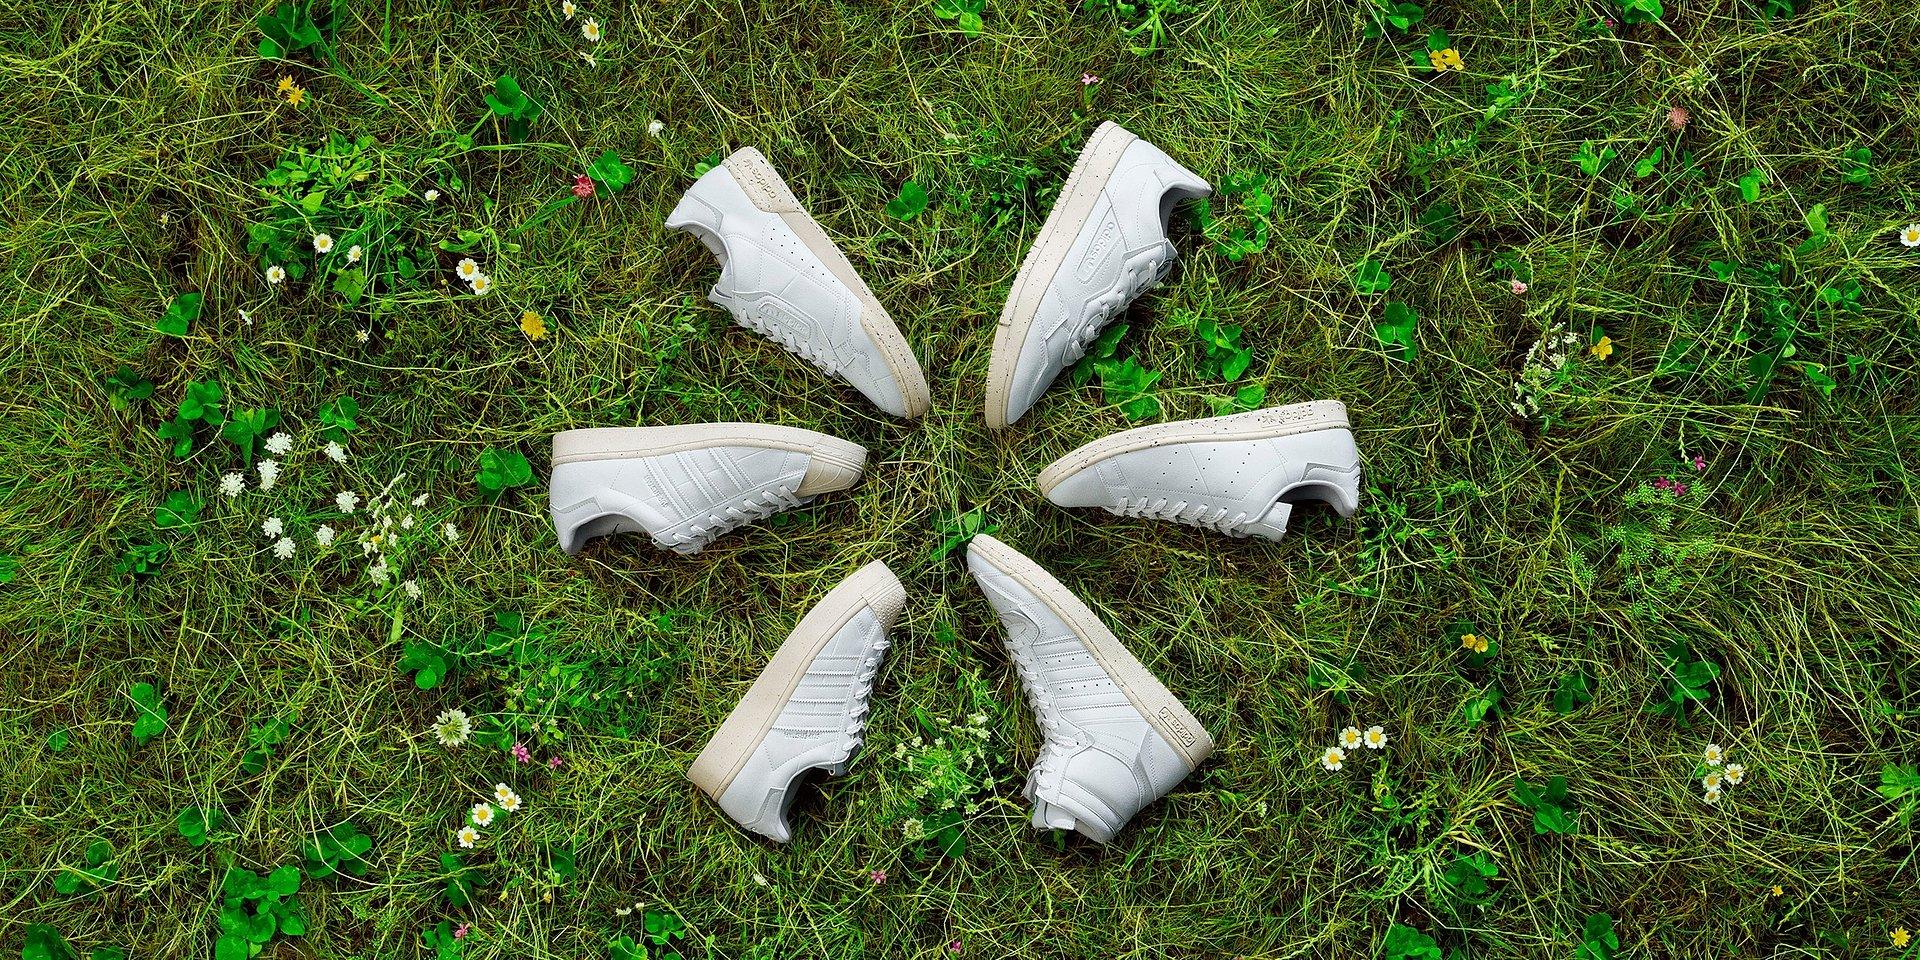 VMLY&R w nowej kampanii dla adidas Clean Classics robi krok w kierunku lepszej przyszłości naszej planety